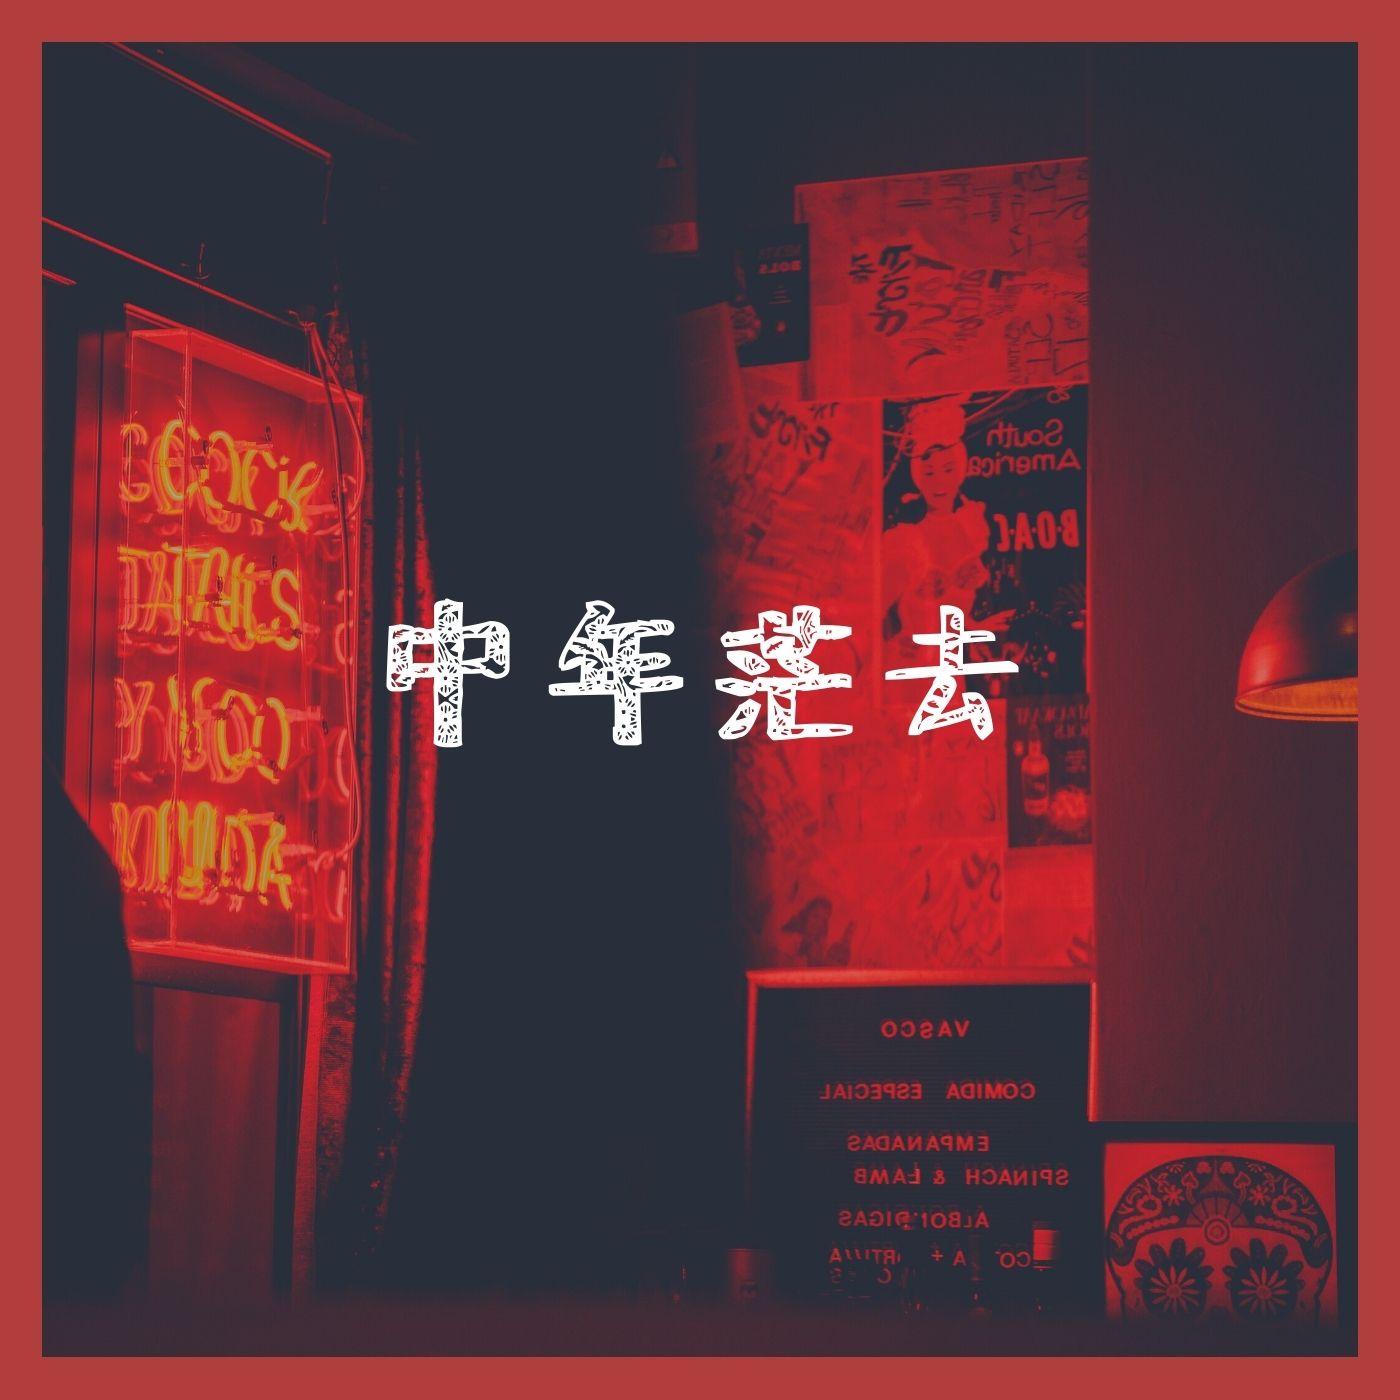 EP.24  (下集)  好朋友系列!下半集心事聊起來,以及Monkey大學沒念完的部分原因 feat.紳士痞子JN